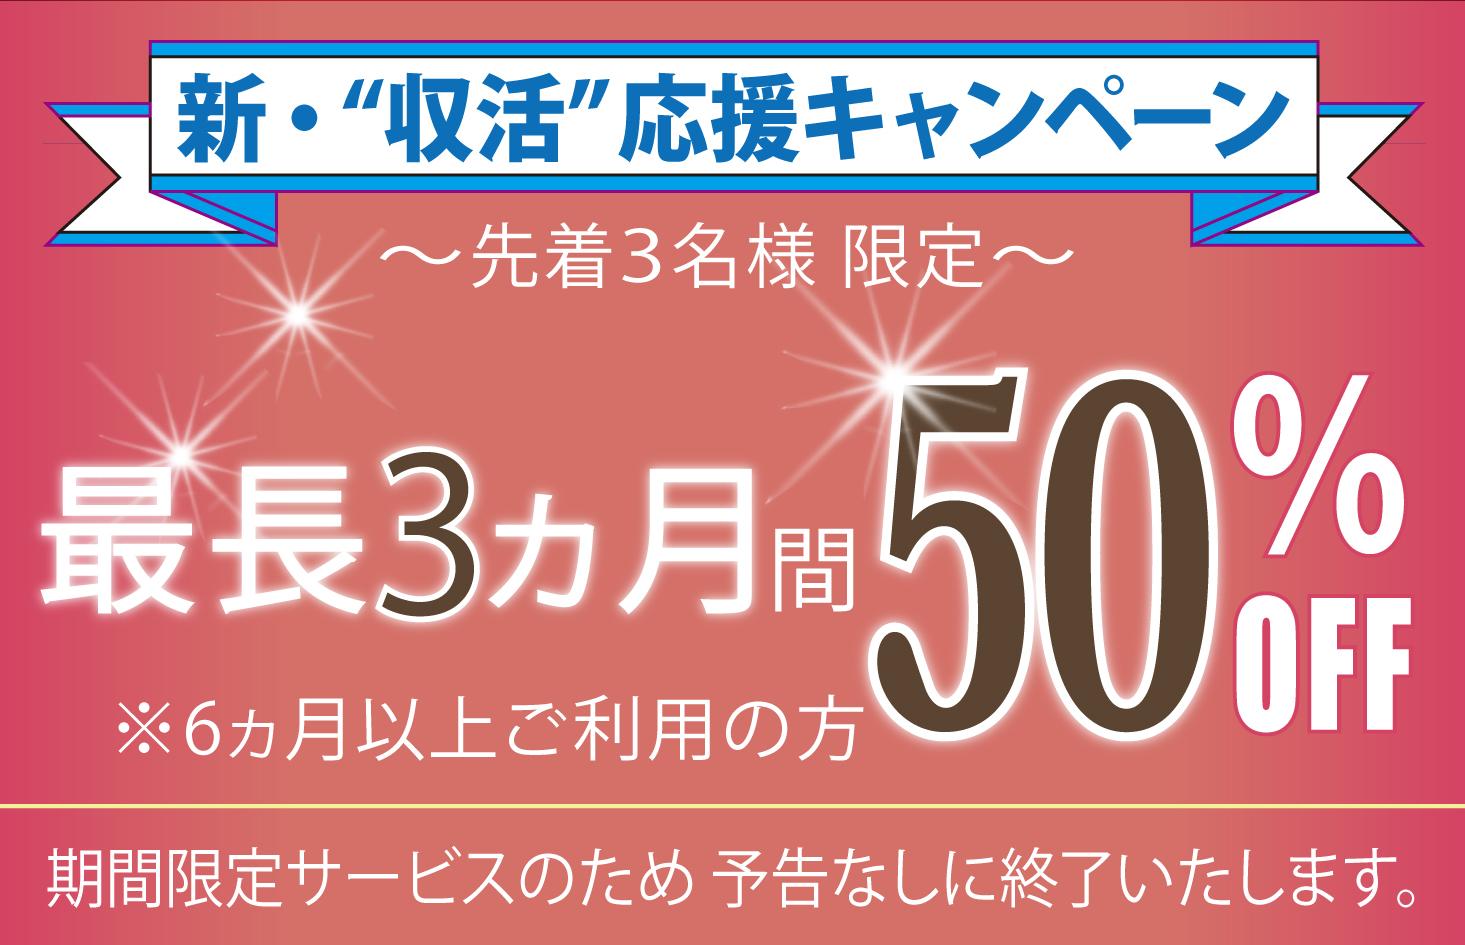 """九十九里マリンスポット店""""最大3ヵ月 50% OFF!""""【キャンペーン中!】(6ヵ月以上の方)"""